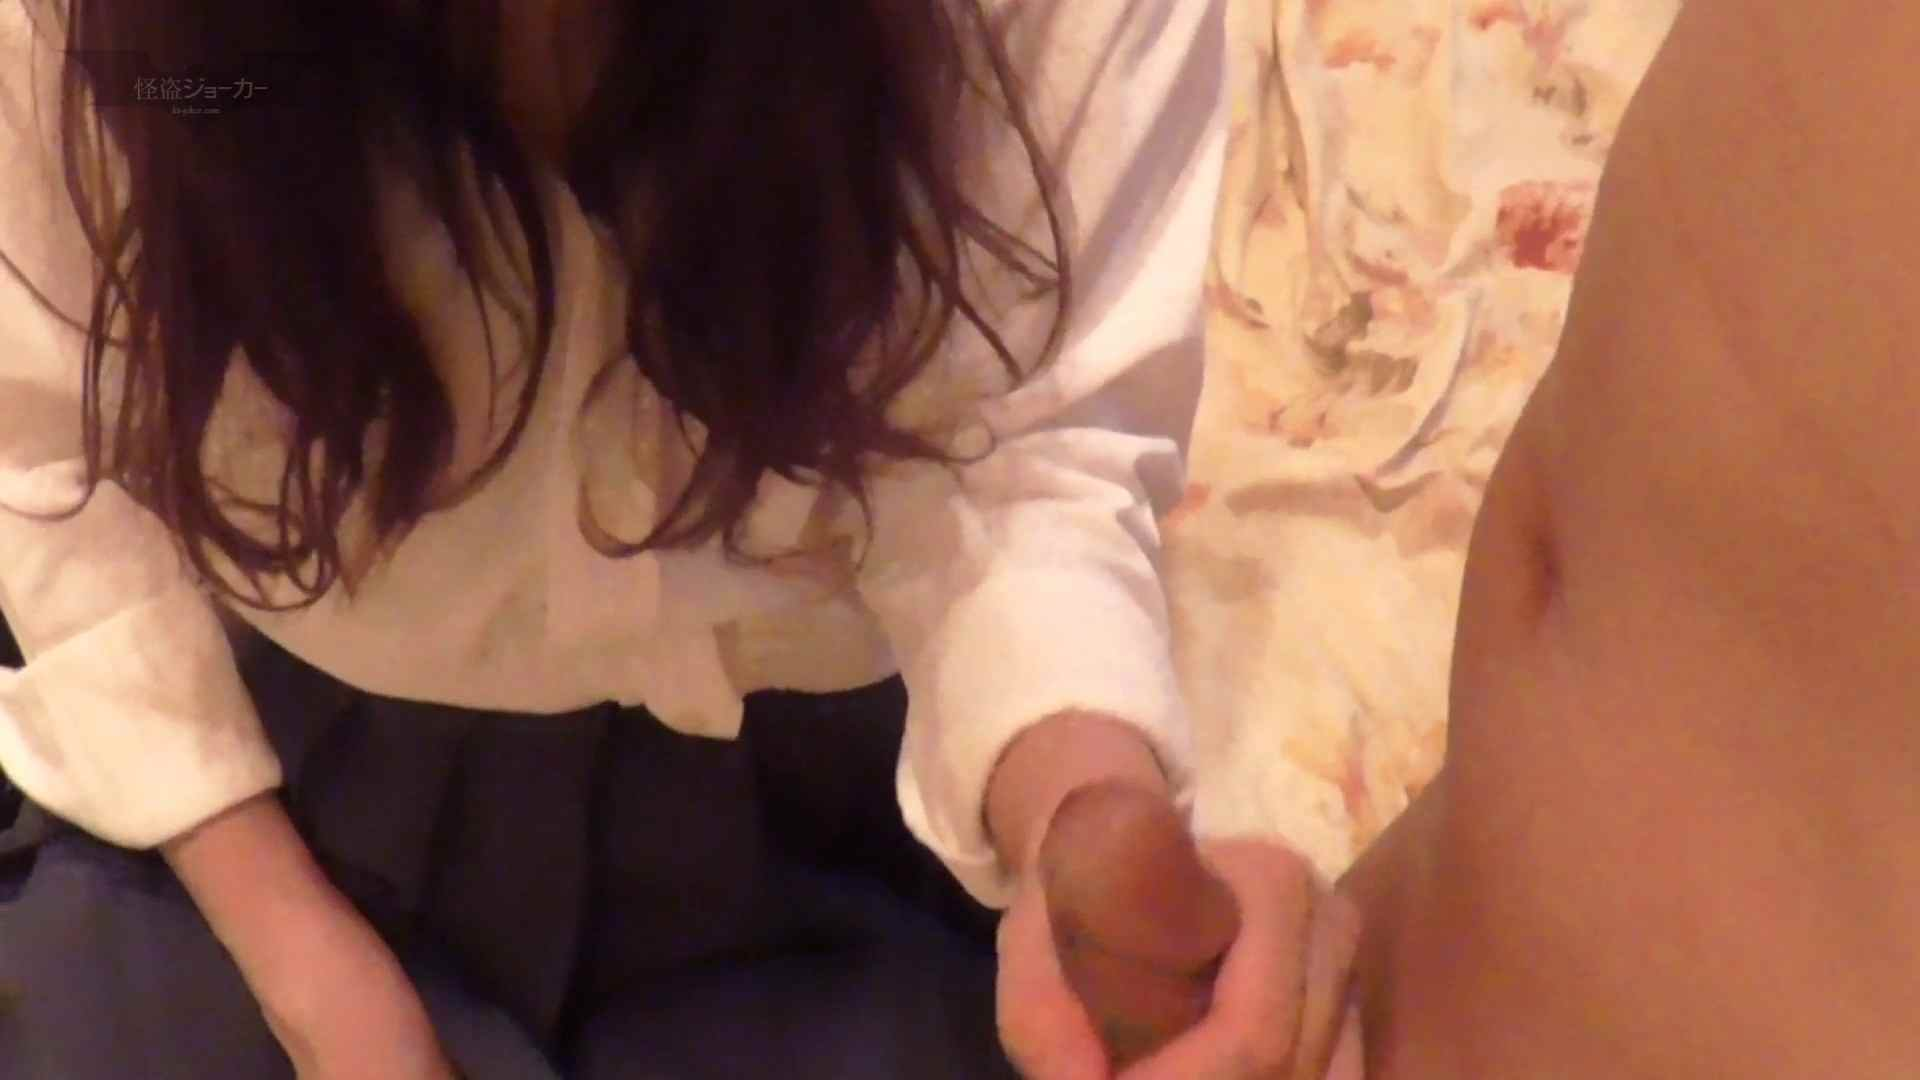 パンツを売る女 Vol.18 最近のSEIFUKUは話が早いっ!舐めるの上手いっ ギャル攻め セックス無修正動画無料 71画像 35